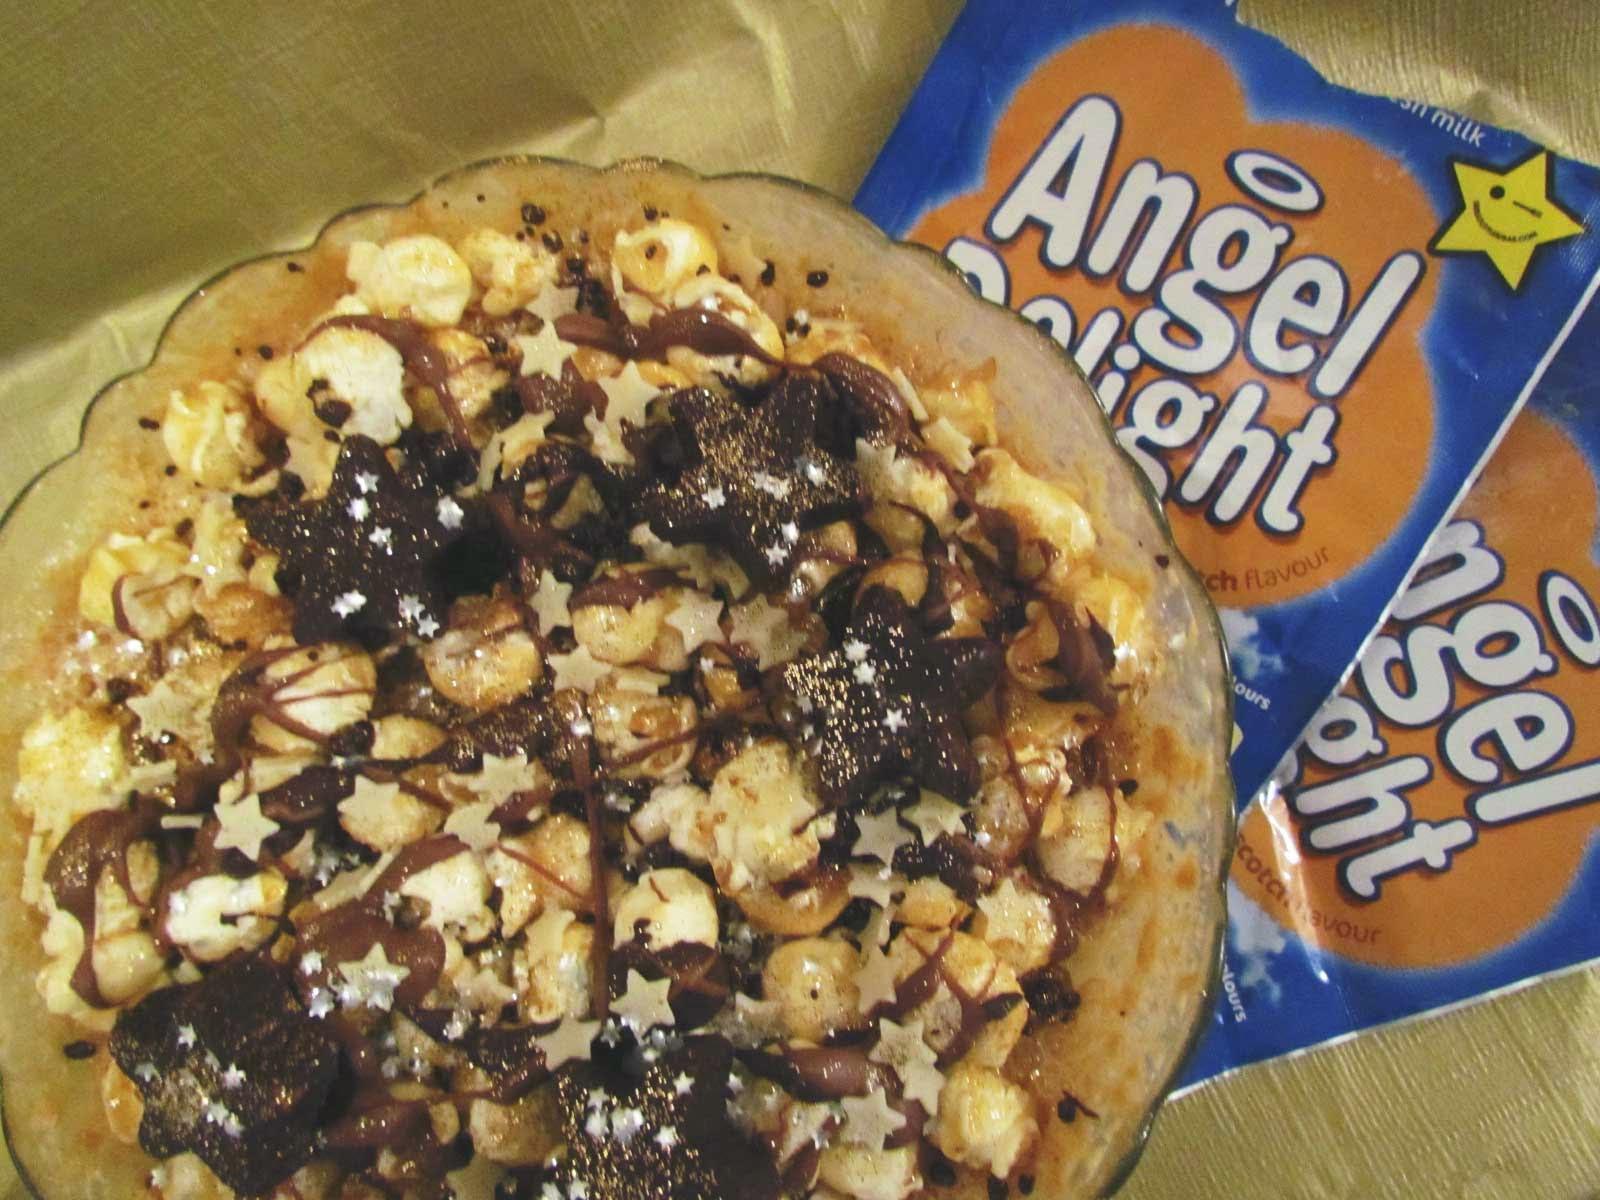 Angel Delight Firework Dessert